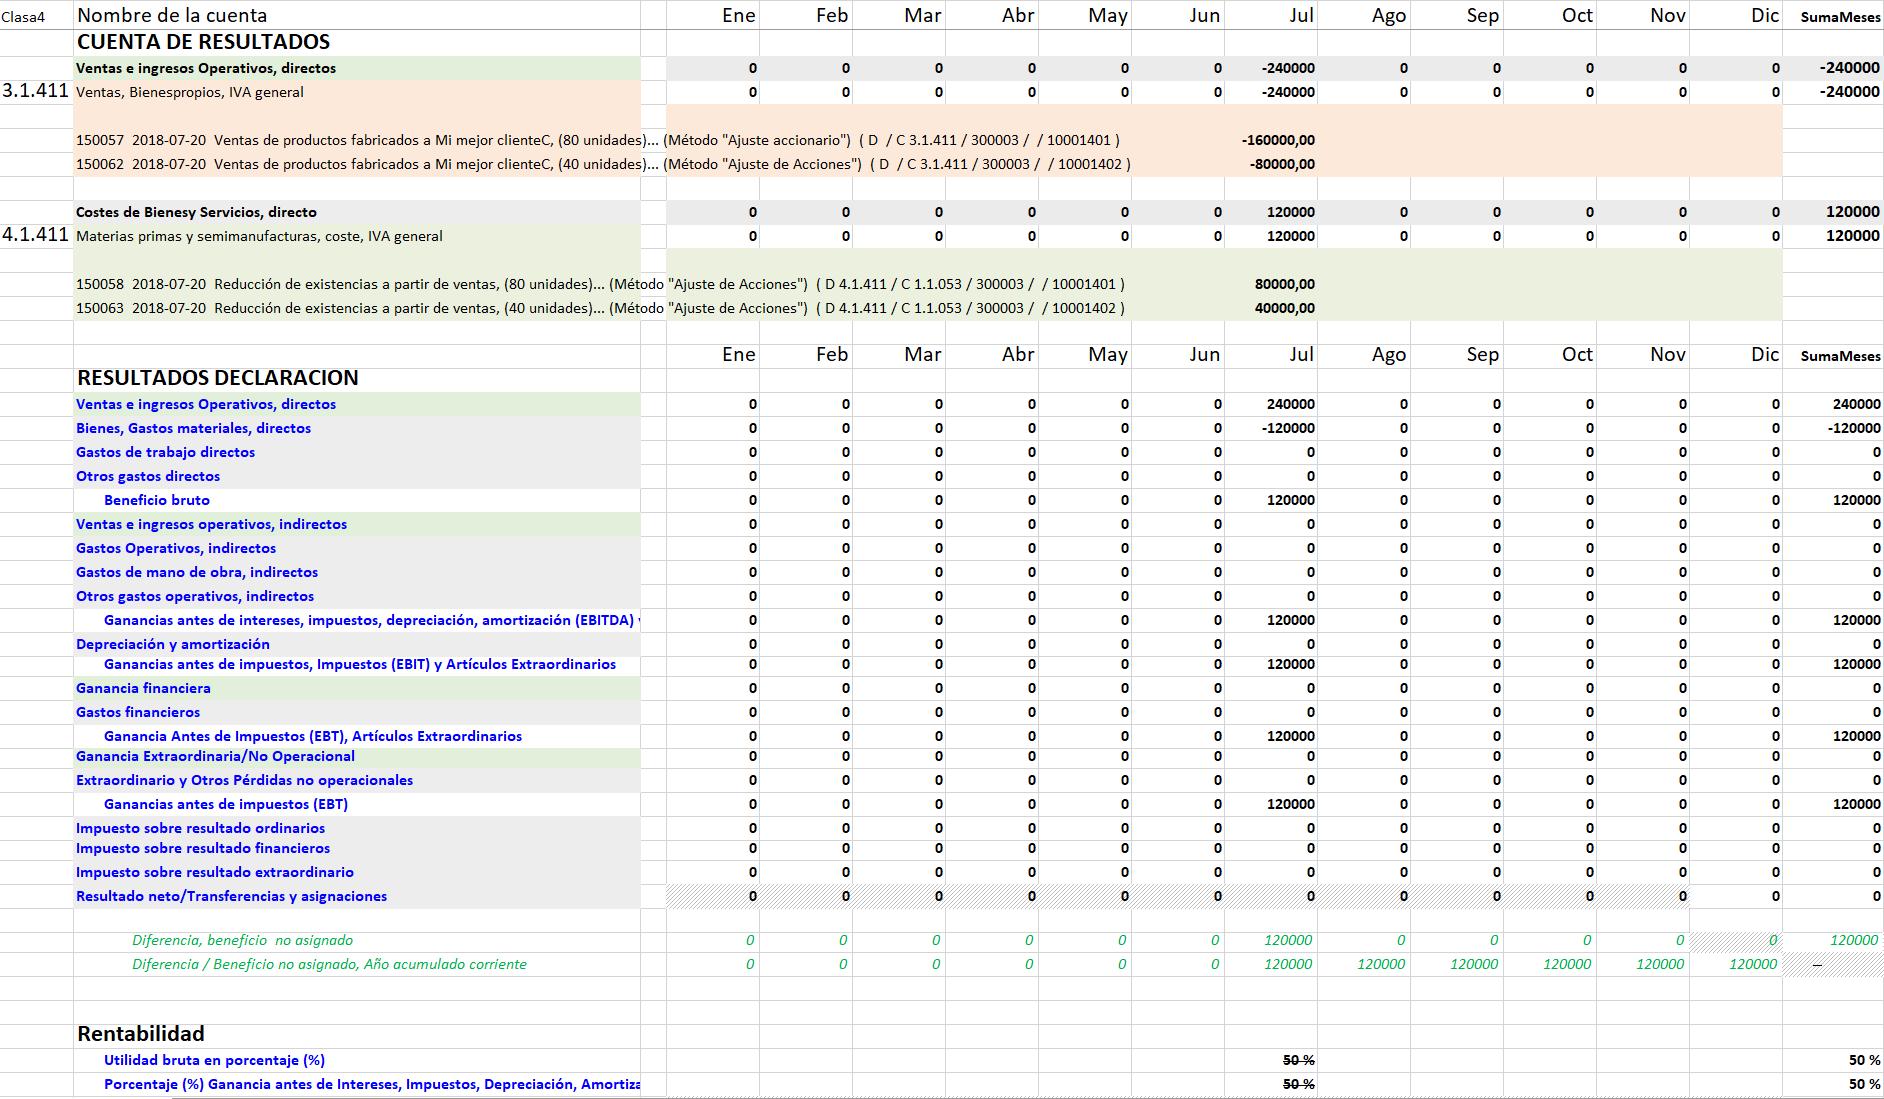 1542636315_es29a__Cliente_proyecto_informe_cuando_demanda__Excel-Accounting-Budget-Analysis.com__2018-11-18.png